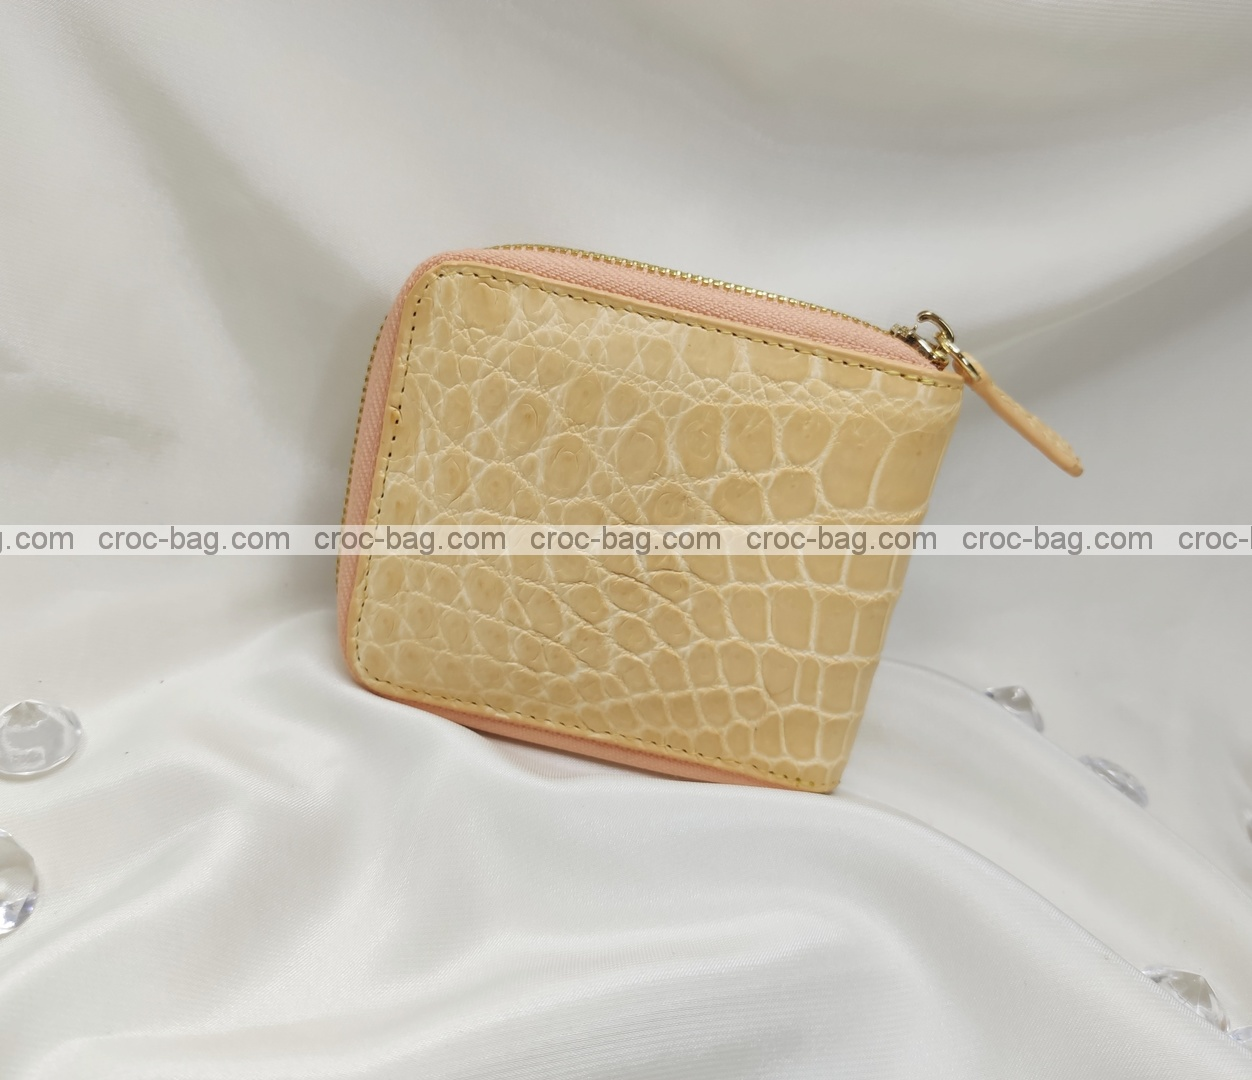 กระเป๋าหนังจระเข้สำหรับผู้หญิง 5370